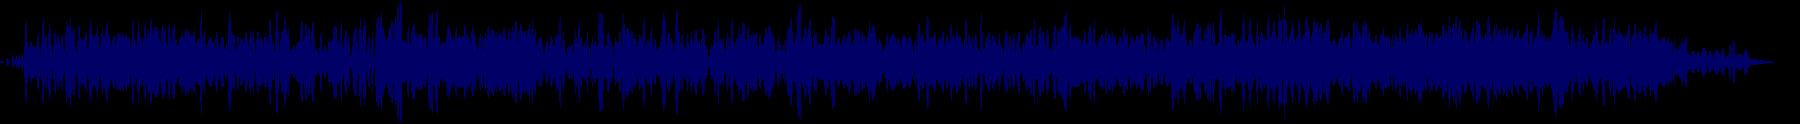 waveform of track #68281